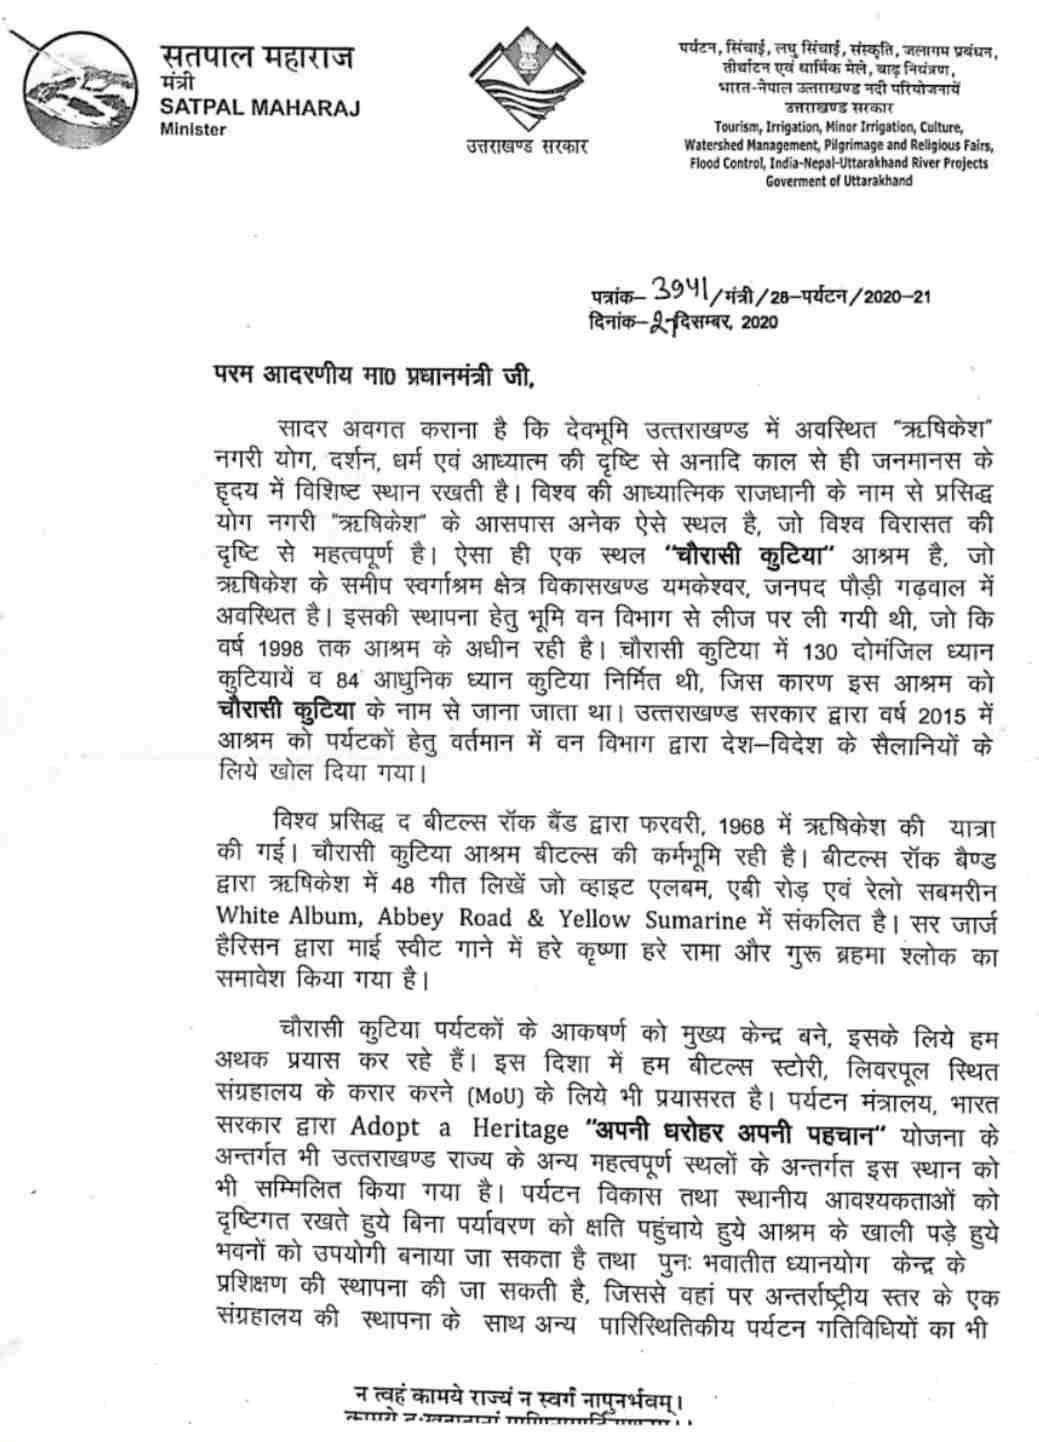 चौरासी कुटिया सौंपने को महाराज ने प्रधानमंत्री को लिखा पत्र, कहा उत्तराखंड पर्यटन विकास परिषद को सौंपी जाए रख-रखाव की जिम्मेदारी 2